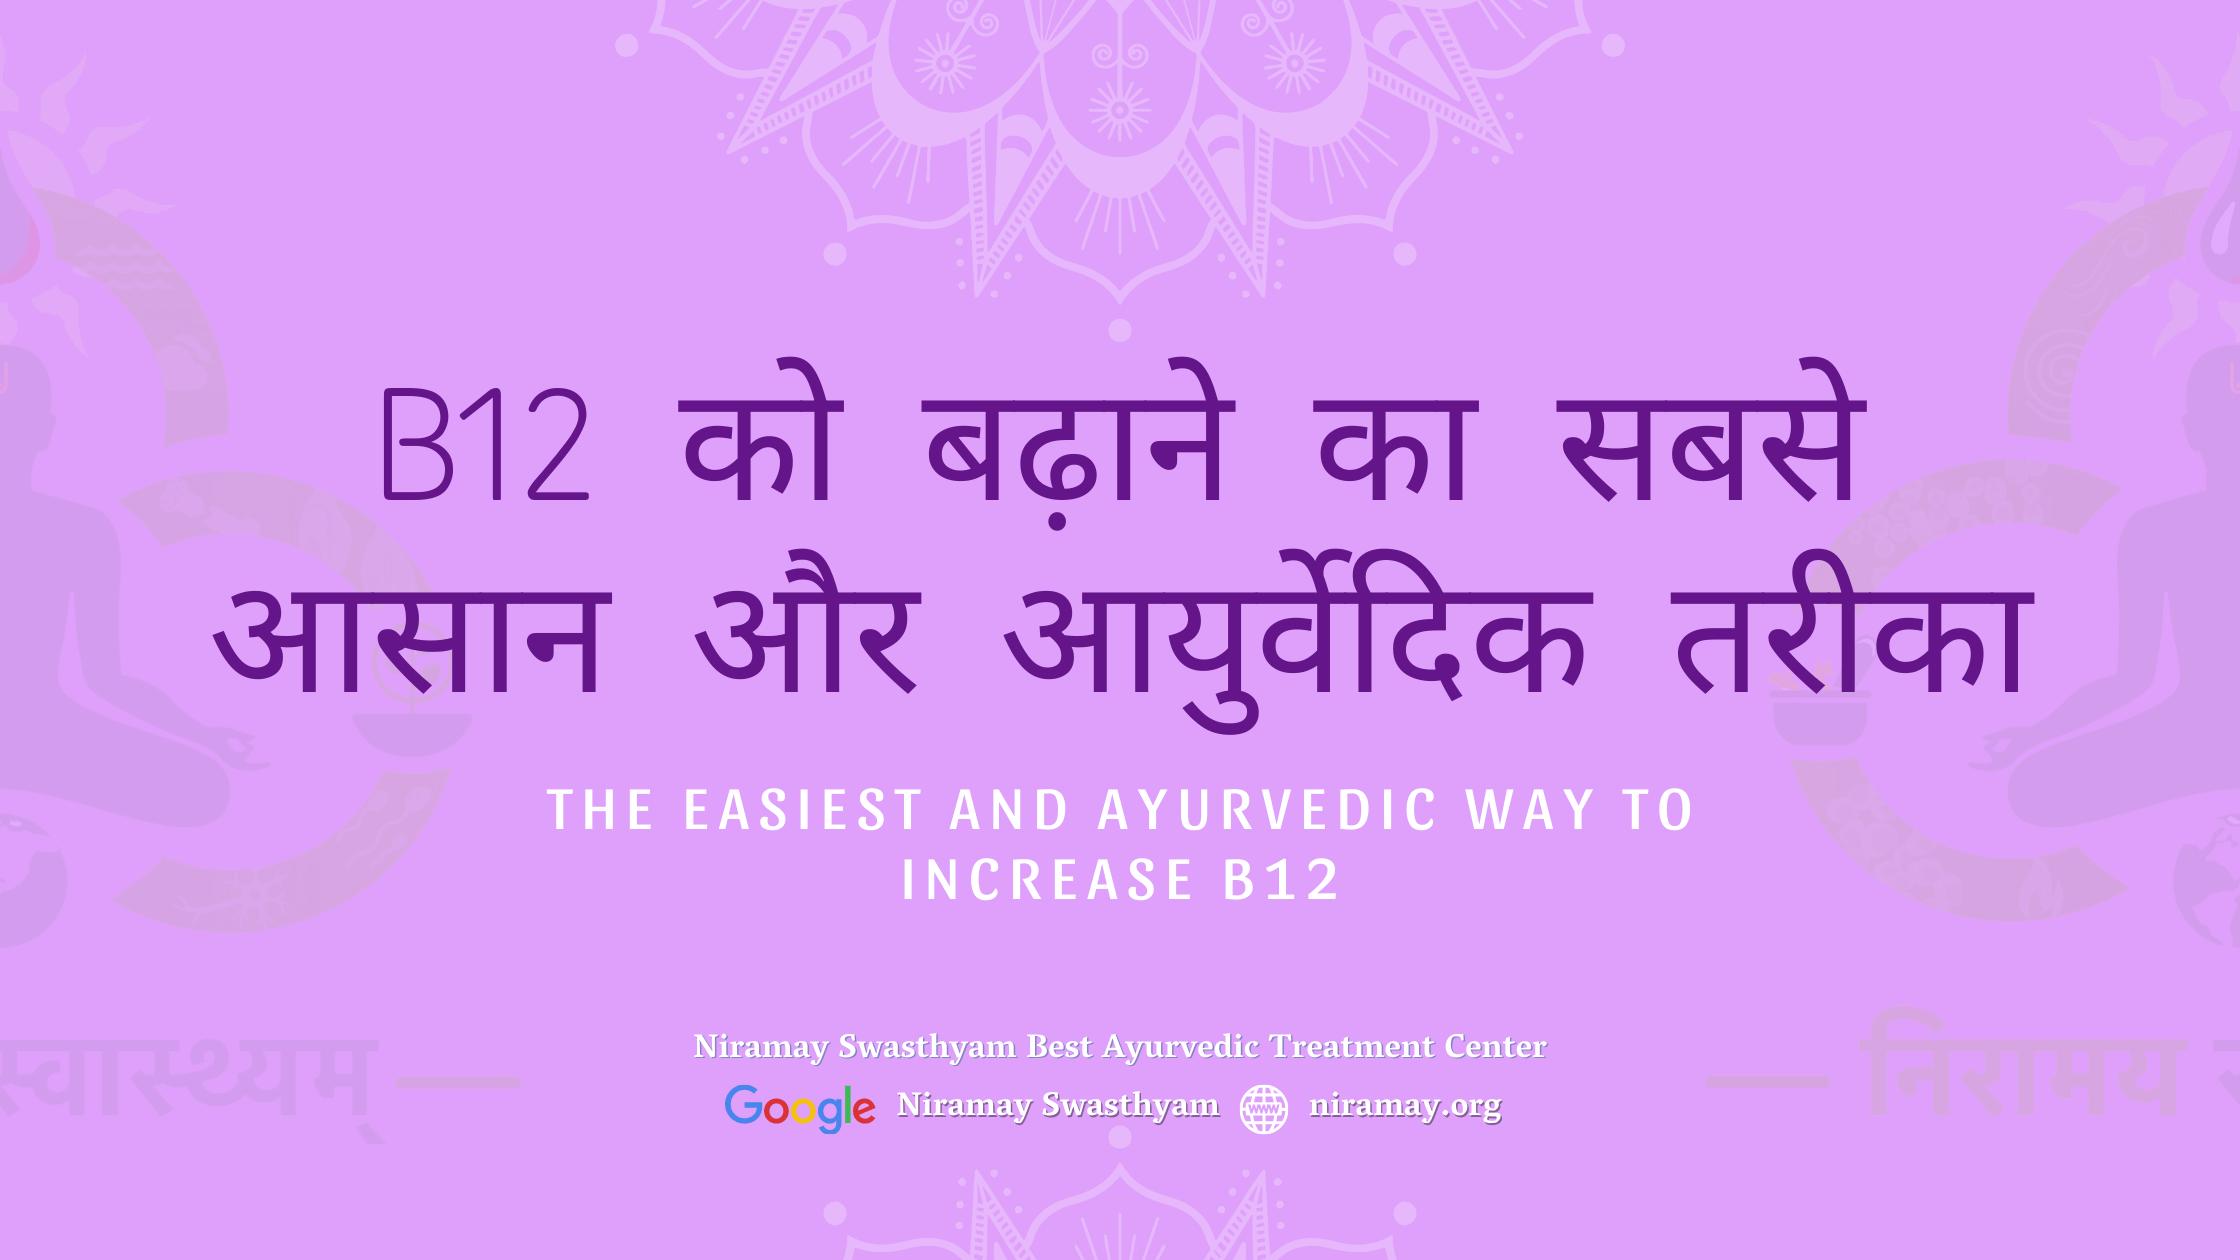 B12 को बढ़ाने का सबसे आसान और आयुर्वेदिक तरीका by Niramay Swasthyam